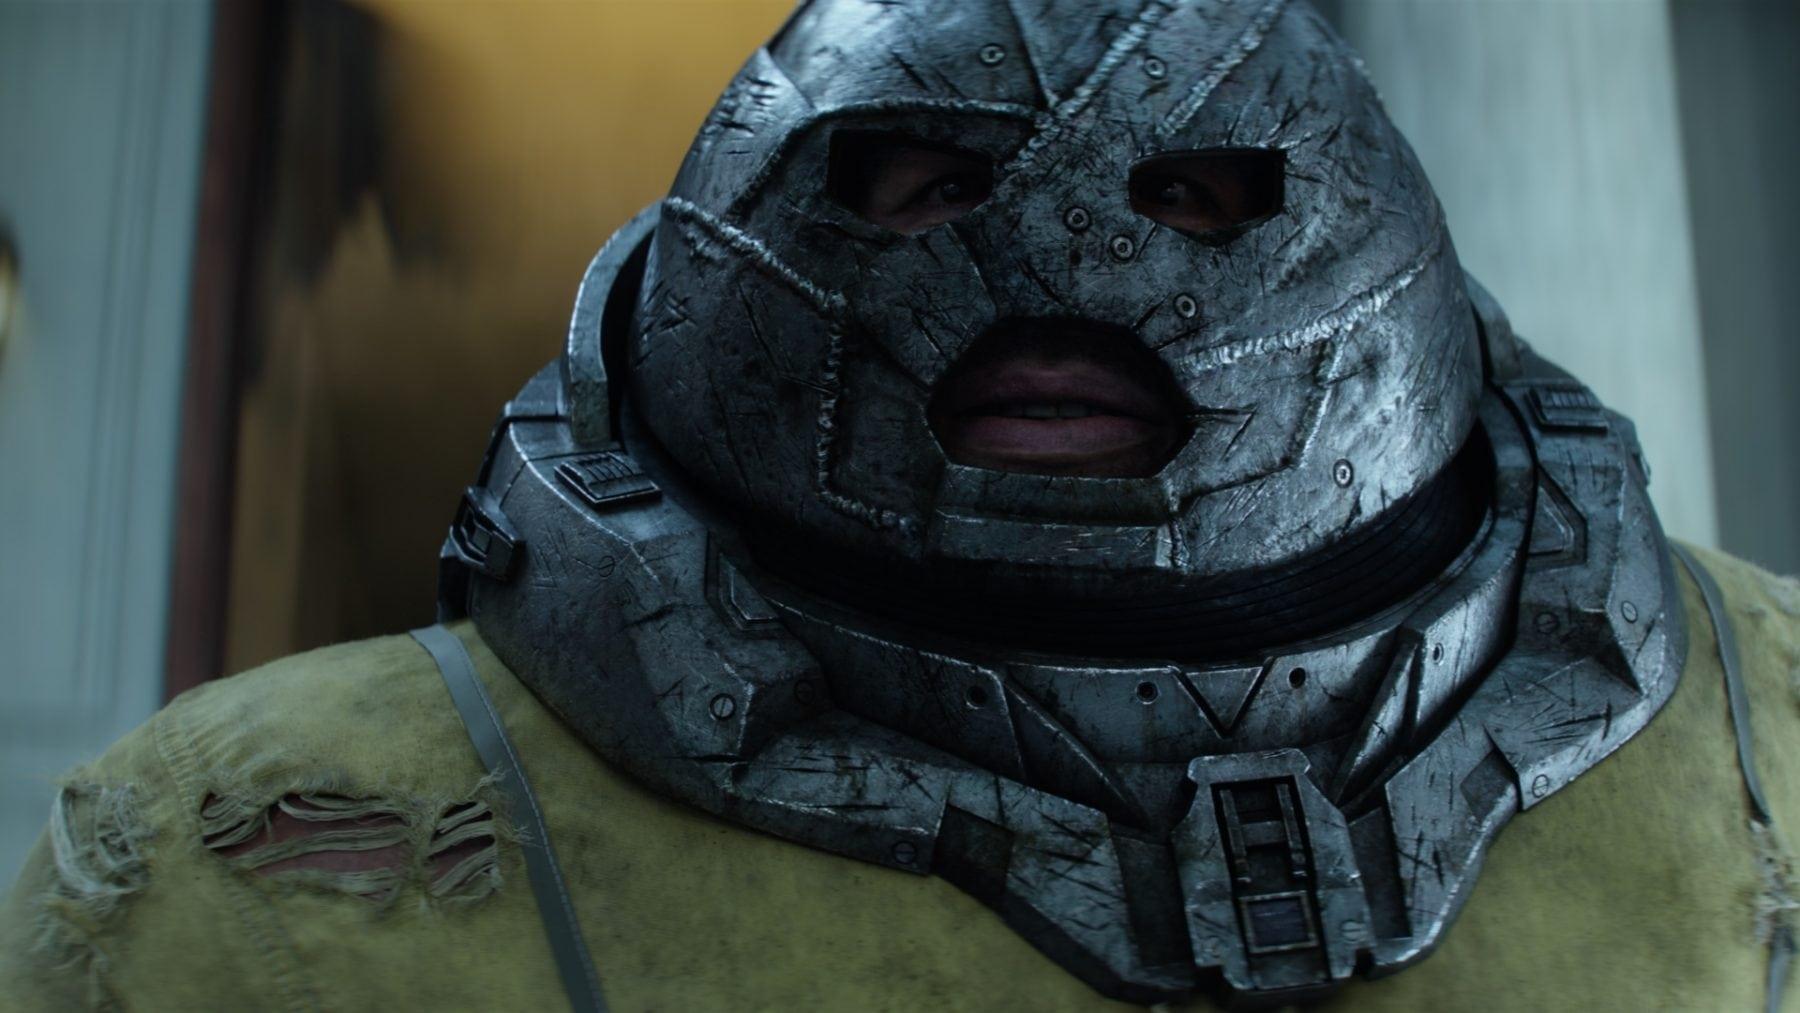 Modern Warfare Wallpaper Hd The Director Of Deadpool 2 Explains How The Juggernaut Was